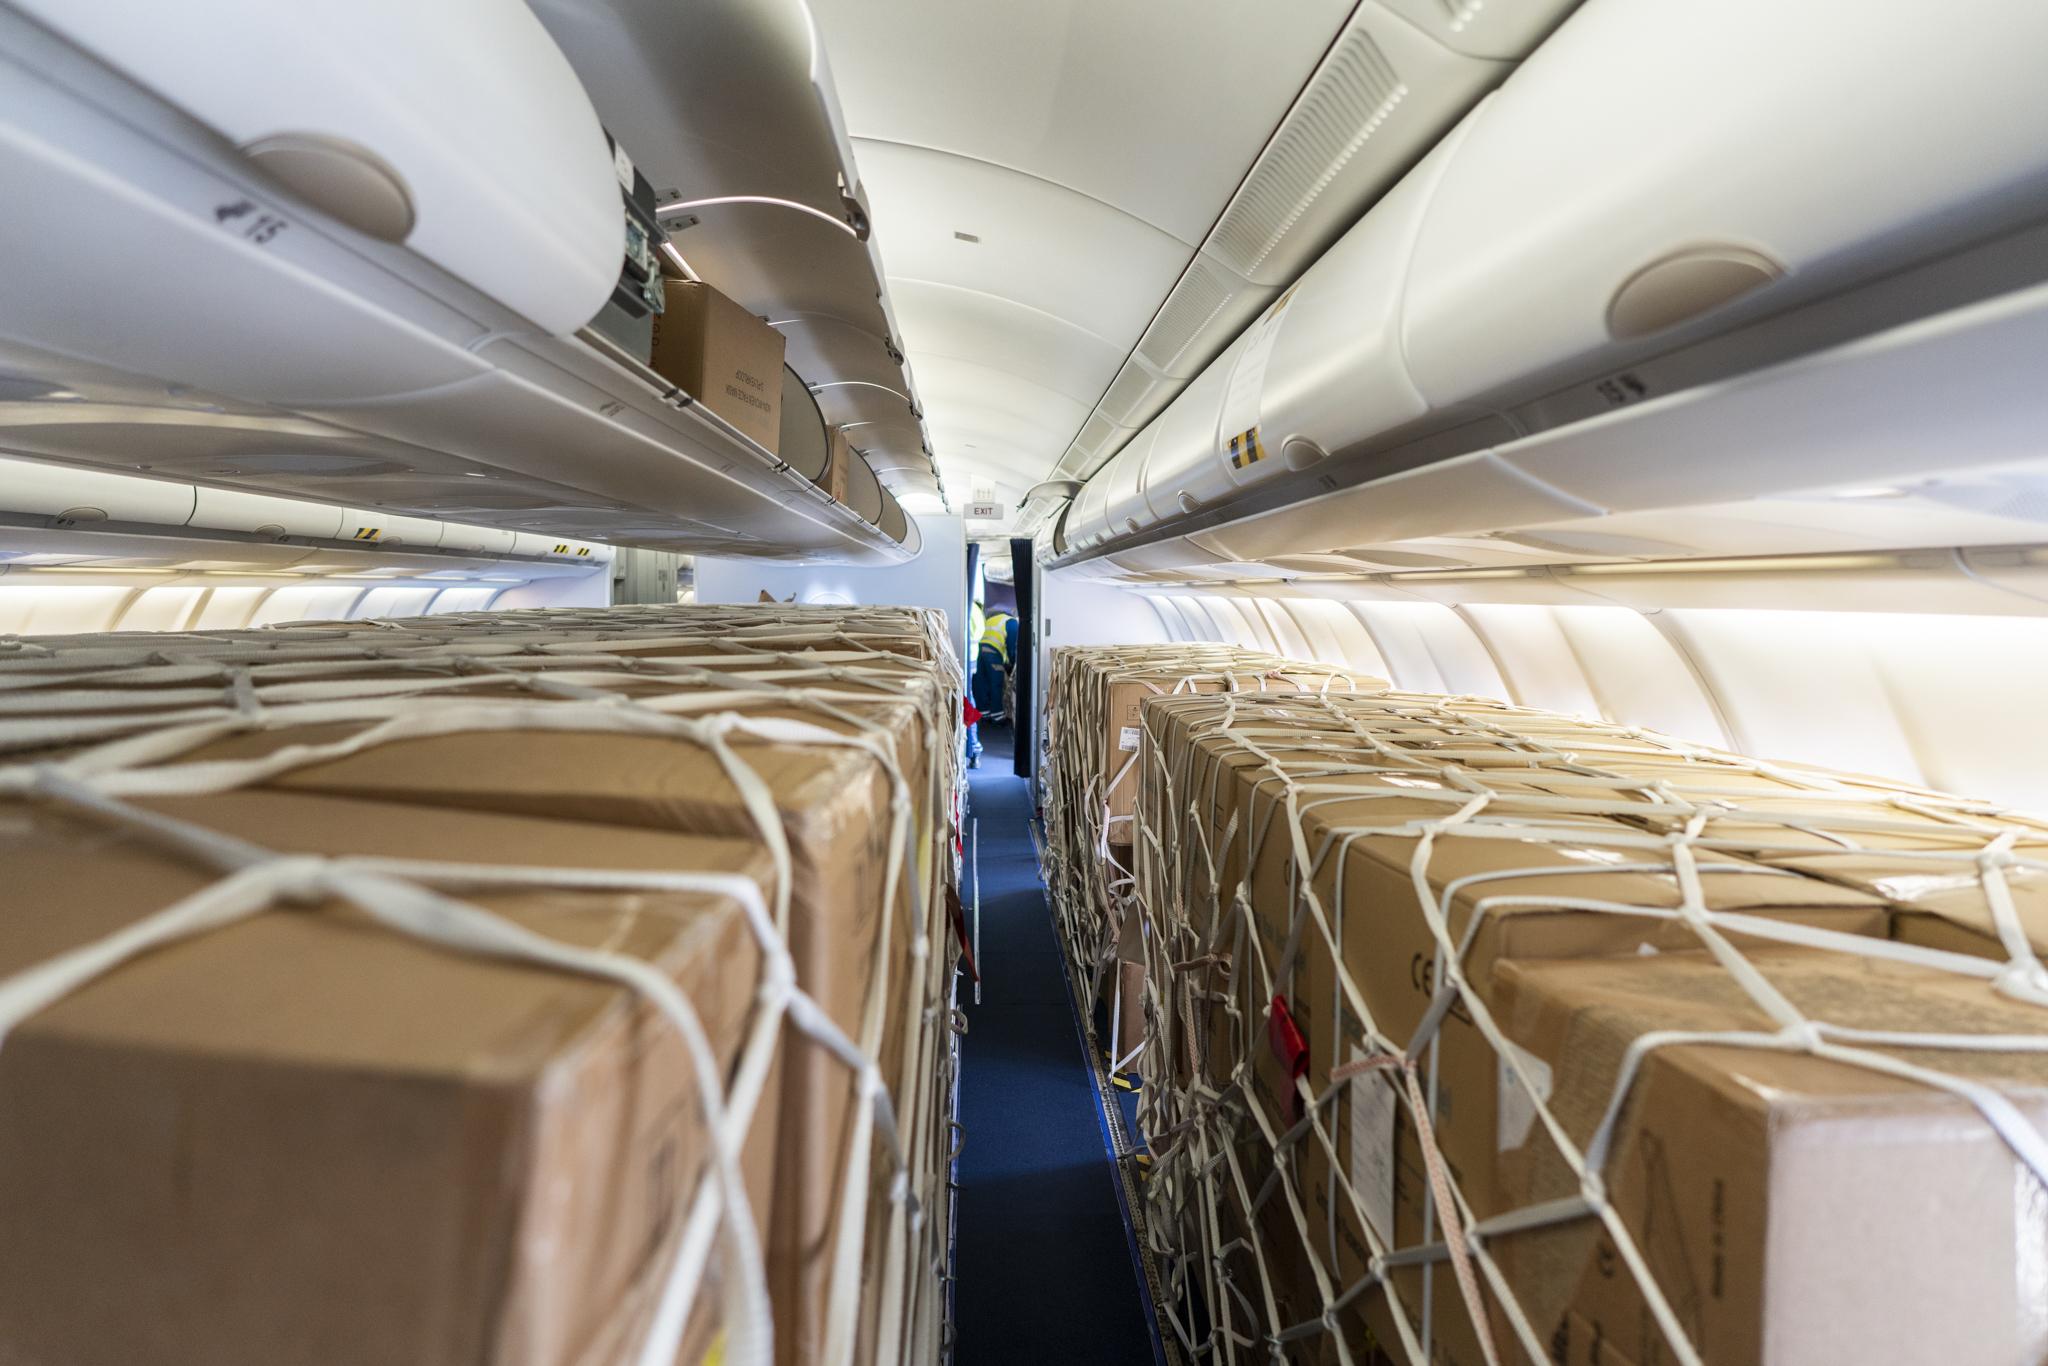 Noul trend în industria aeronautică: marile companii aeriene să grăbesc să îşi convertească avioanele de pasageri în avioane de marfă